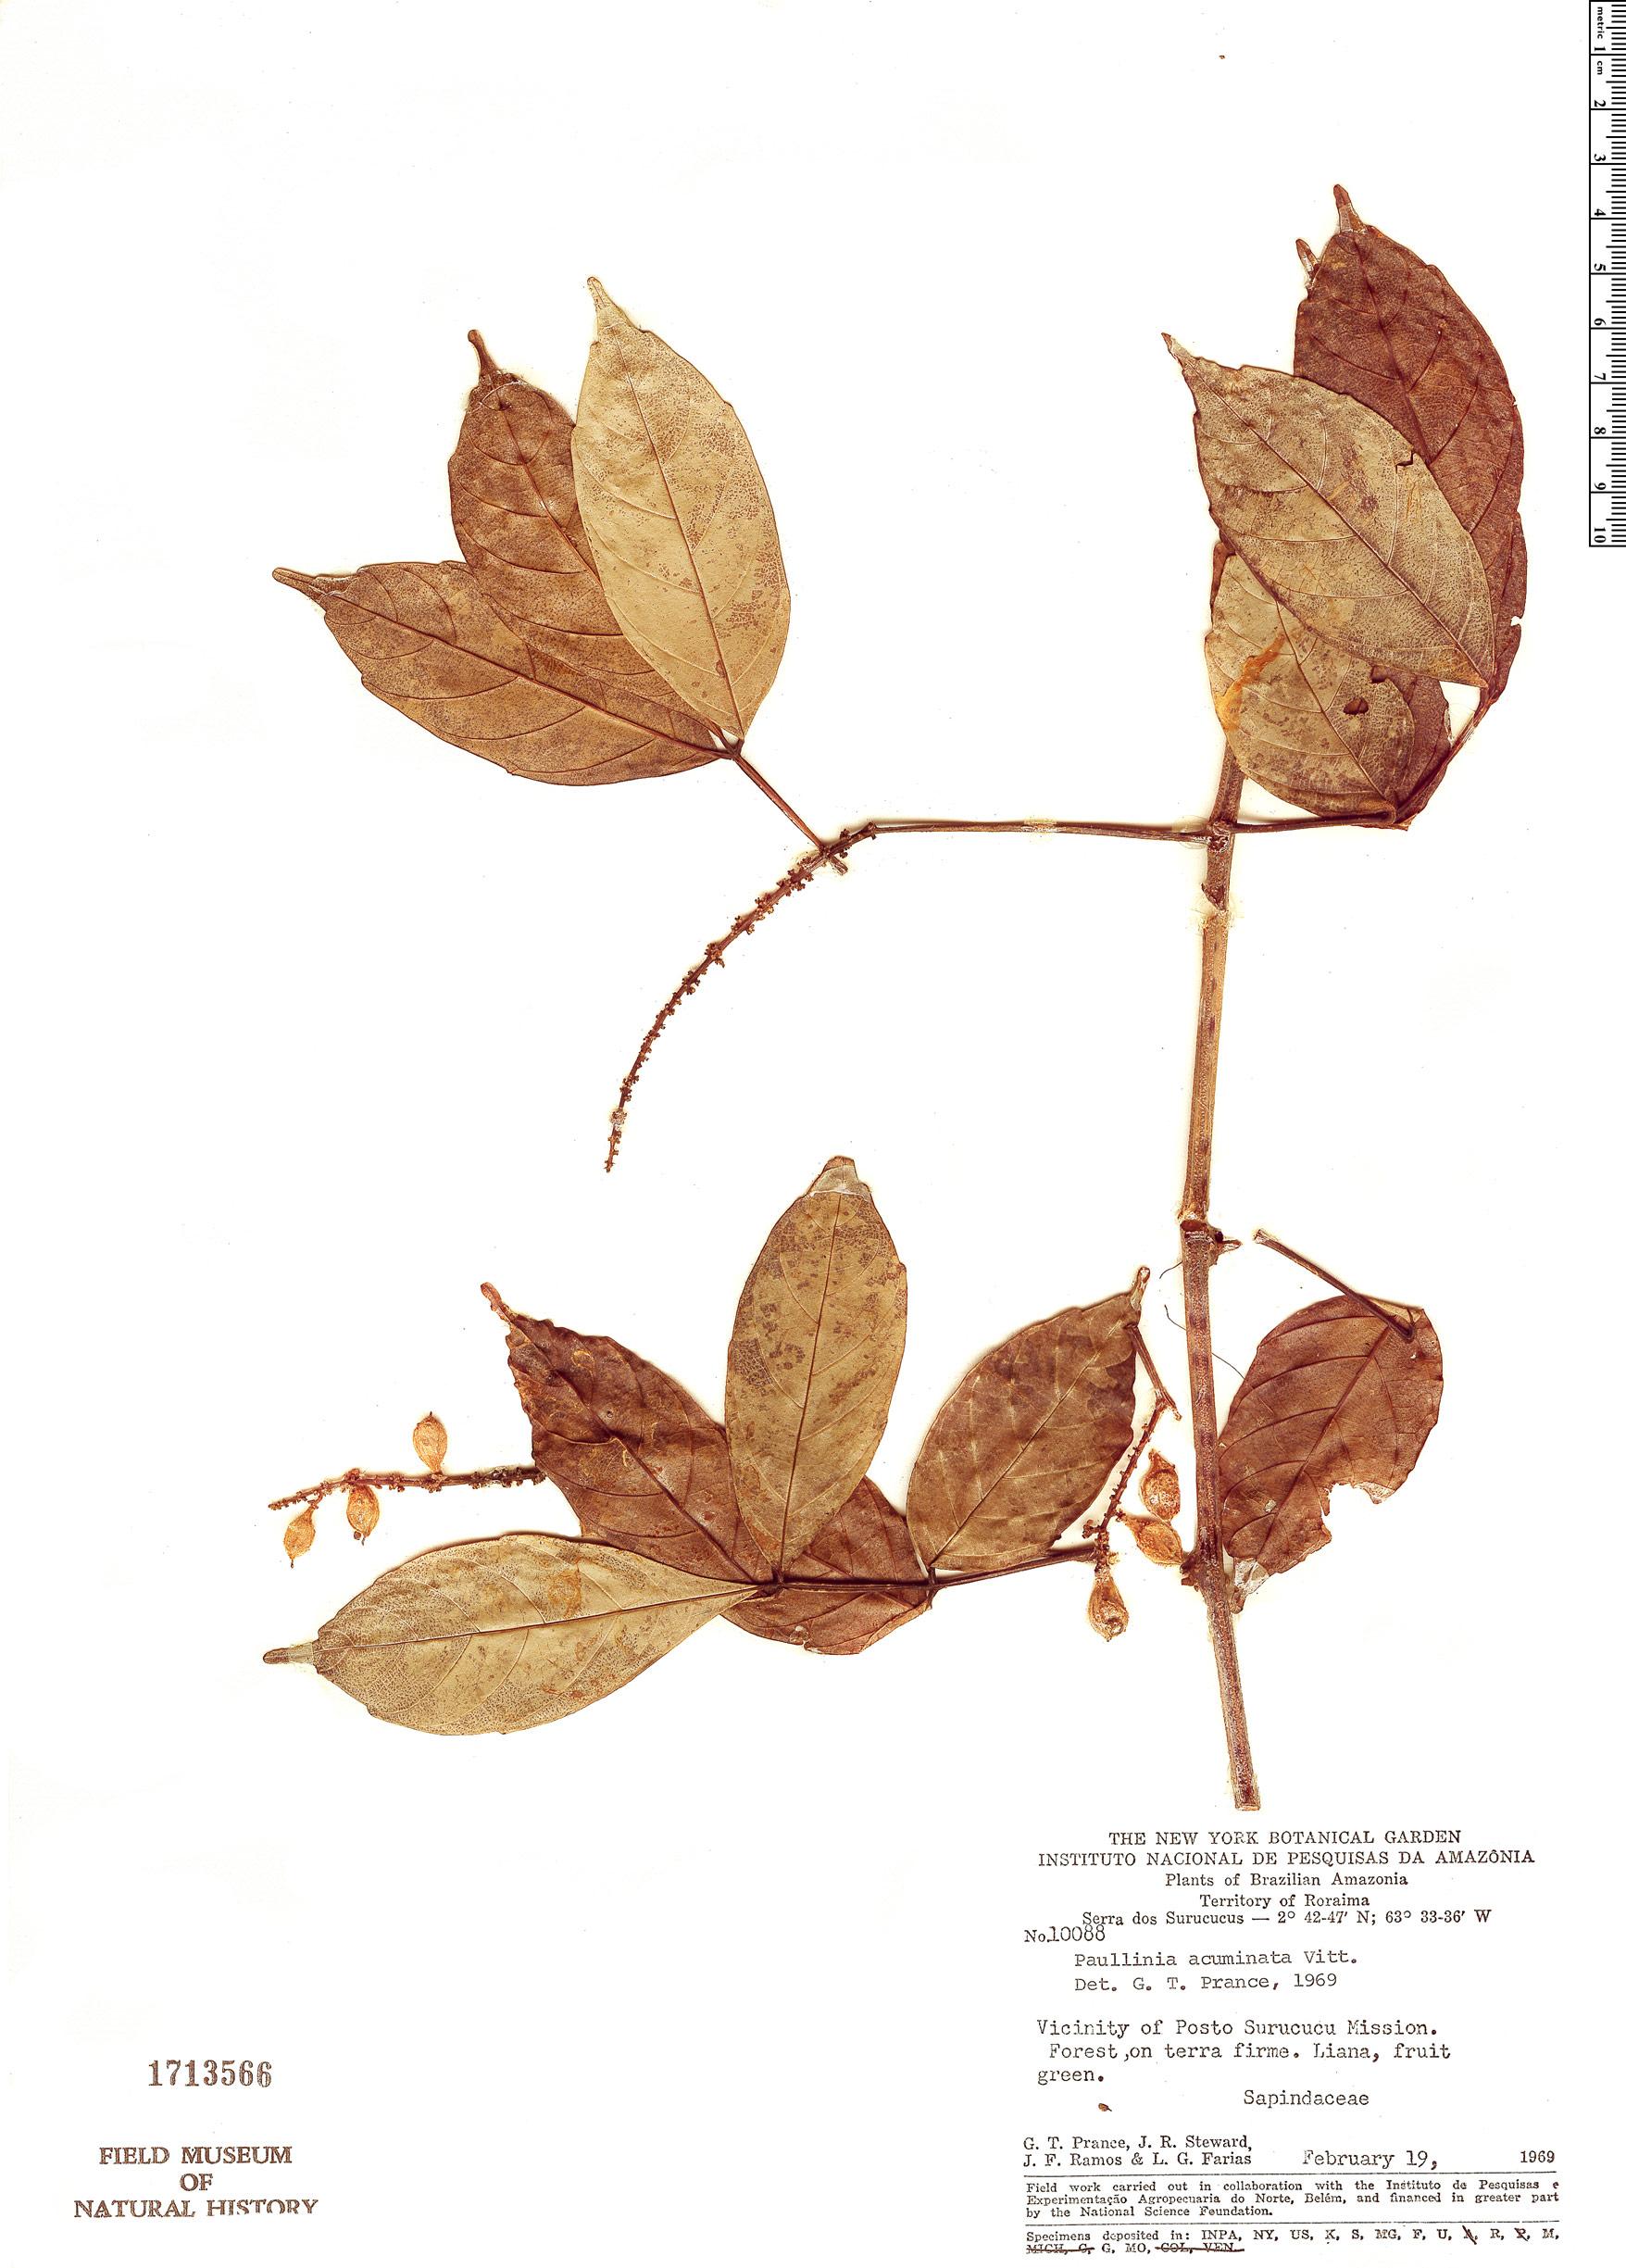 Specimen: Paullinia acuminata